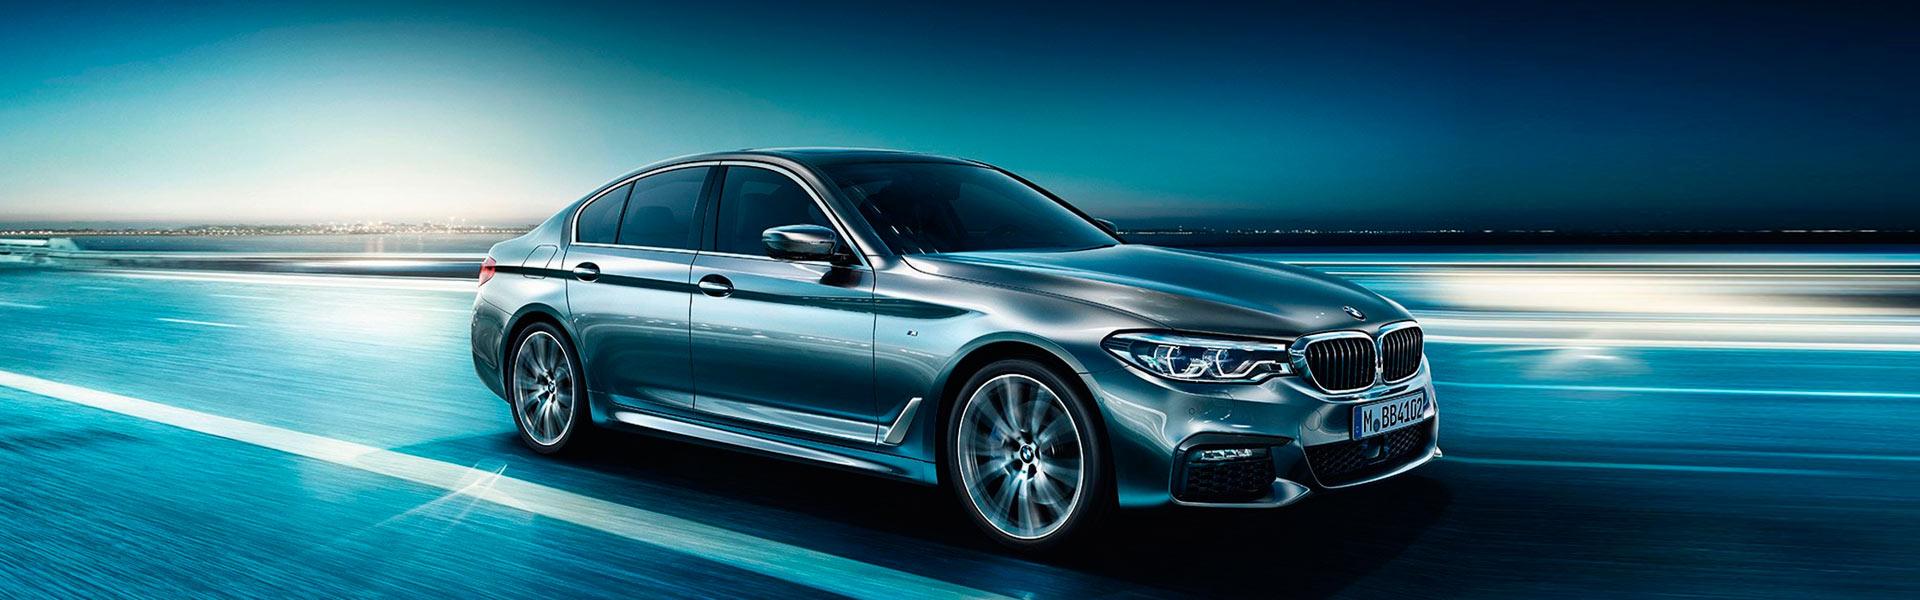 Замена рулевой рейки BMW 5-series